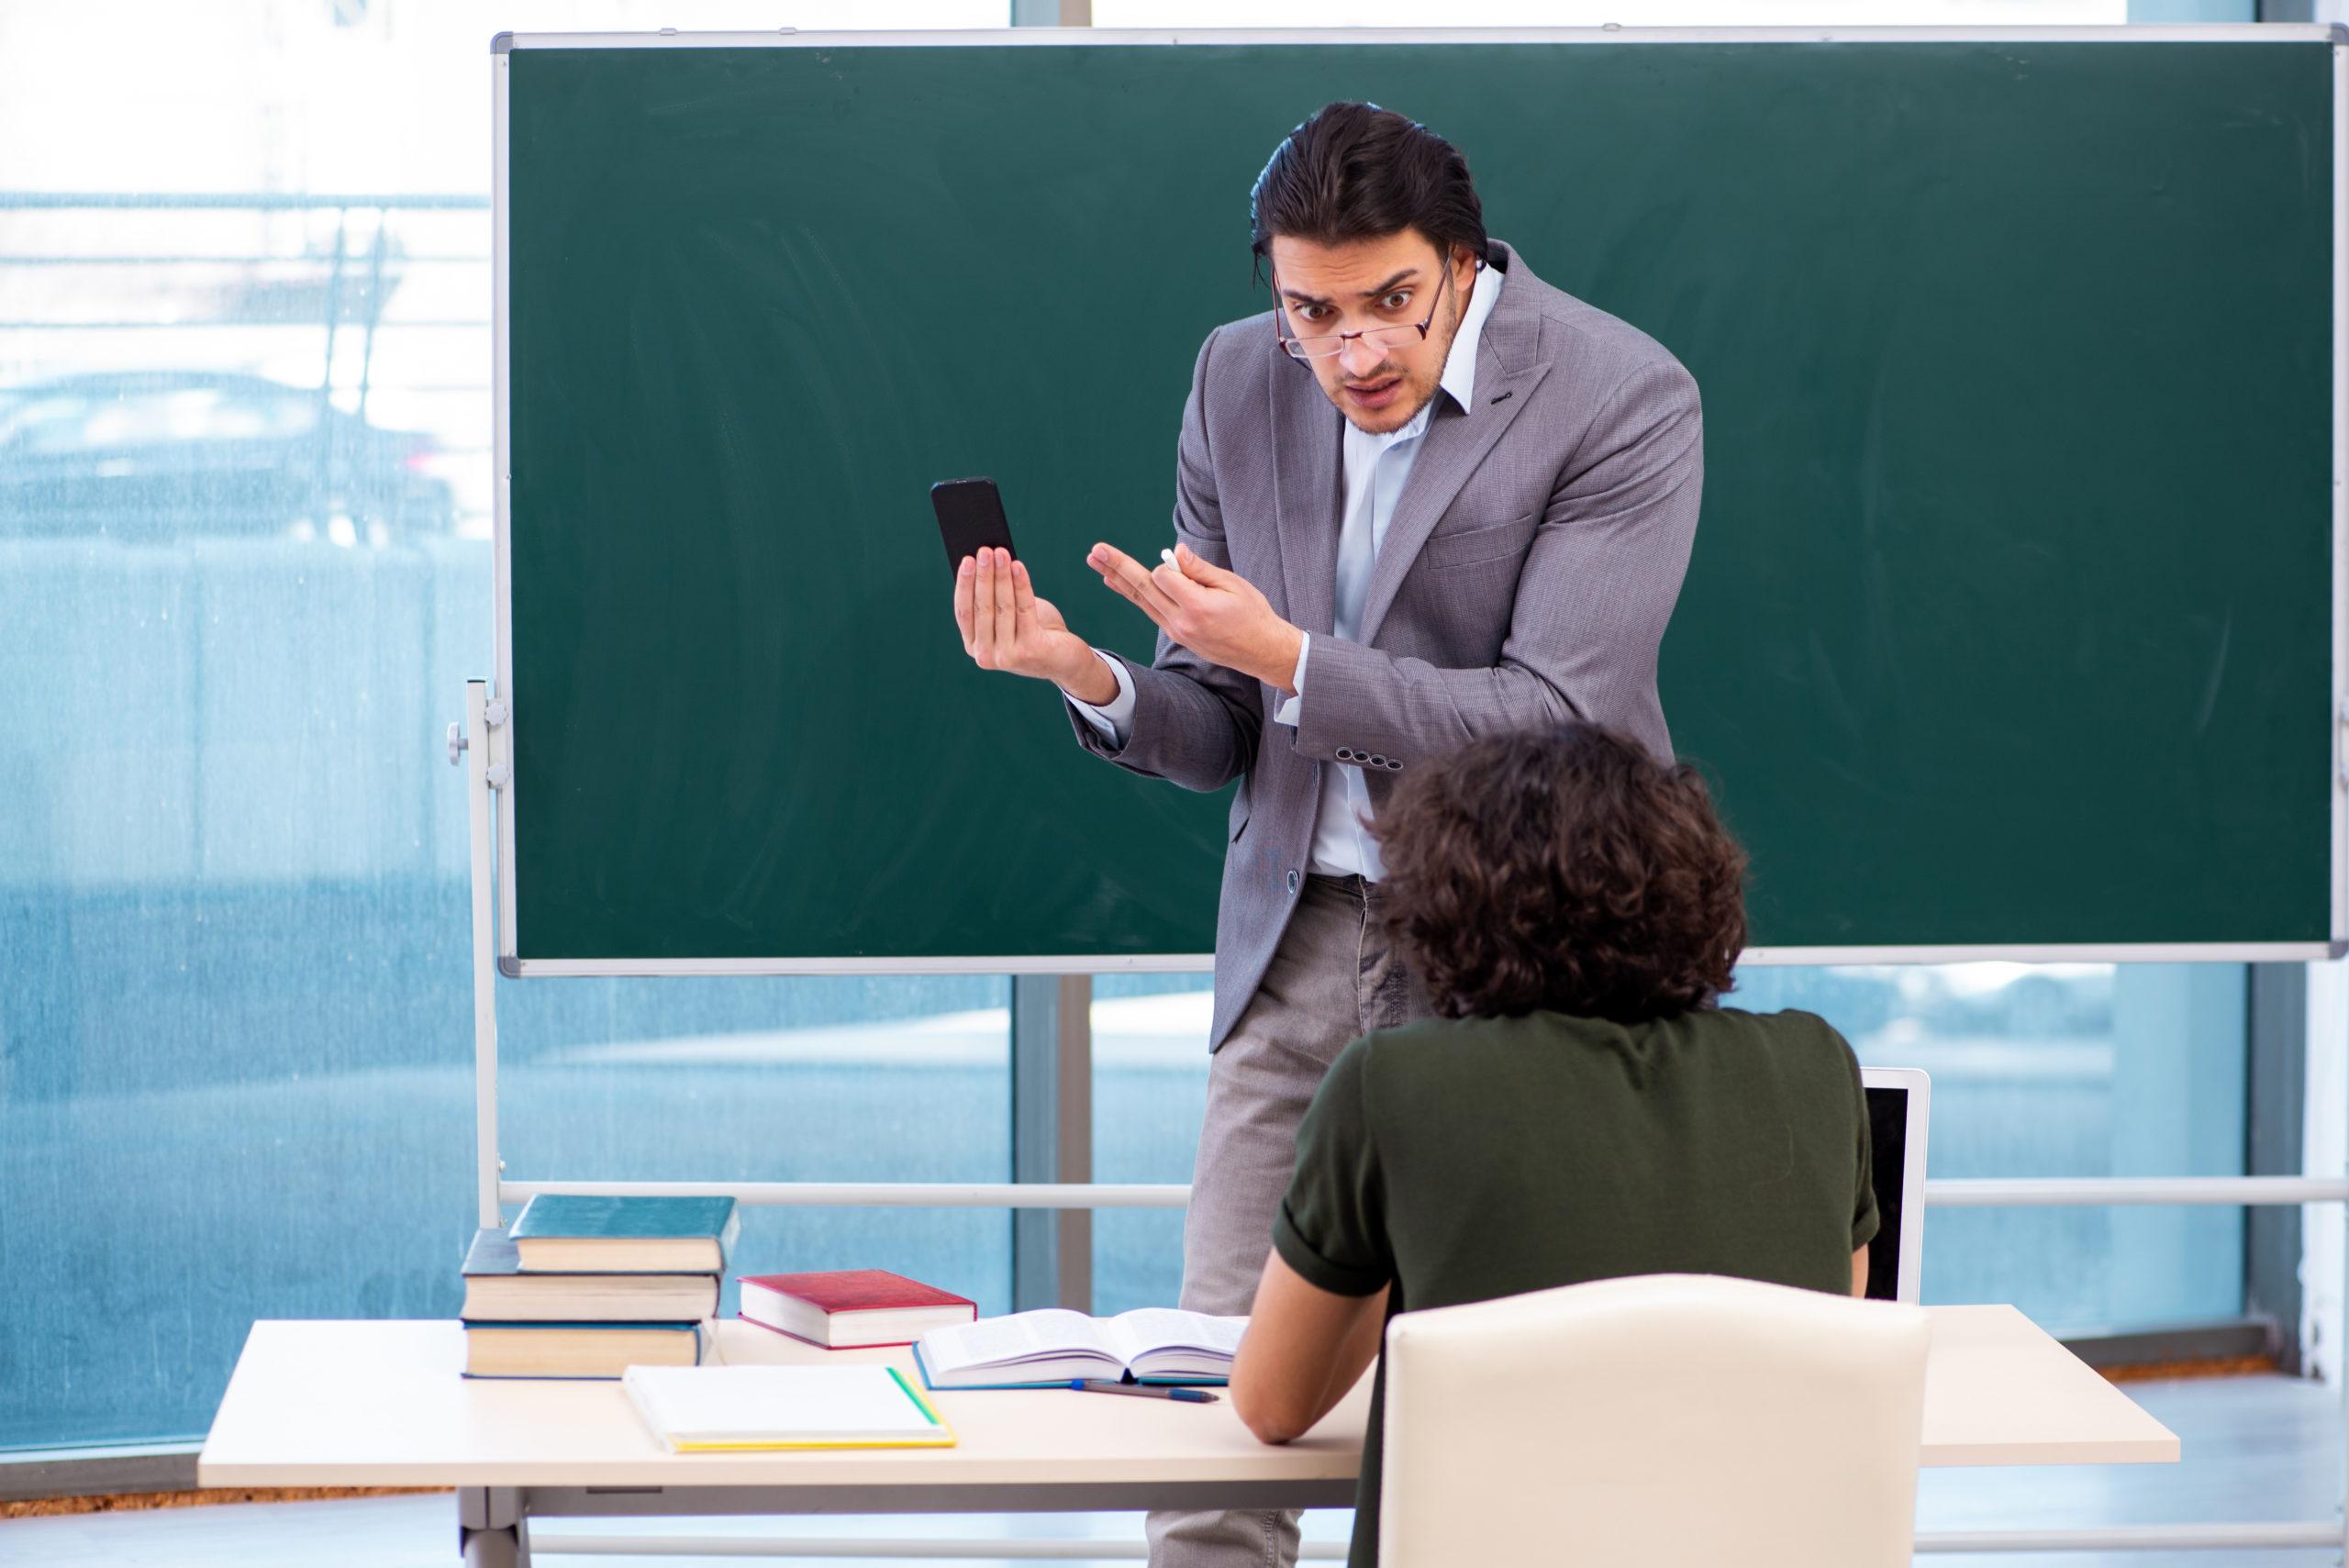 Ha lehet, ne az iskolai tanárt kérjük fel a korrepetálásra Fotó: Shutterstock